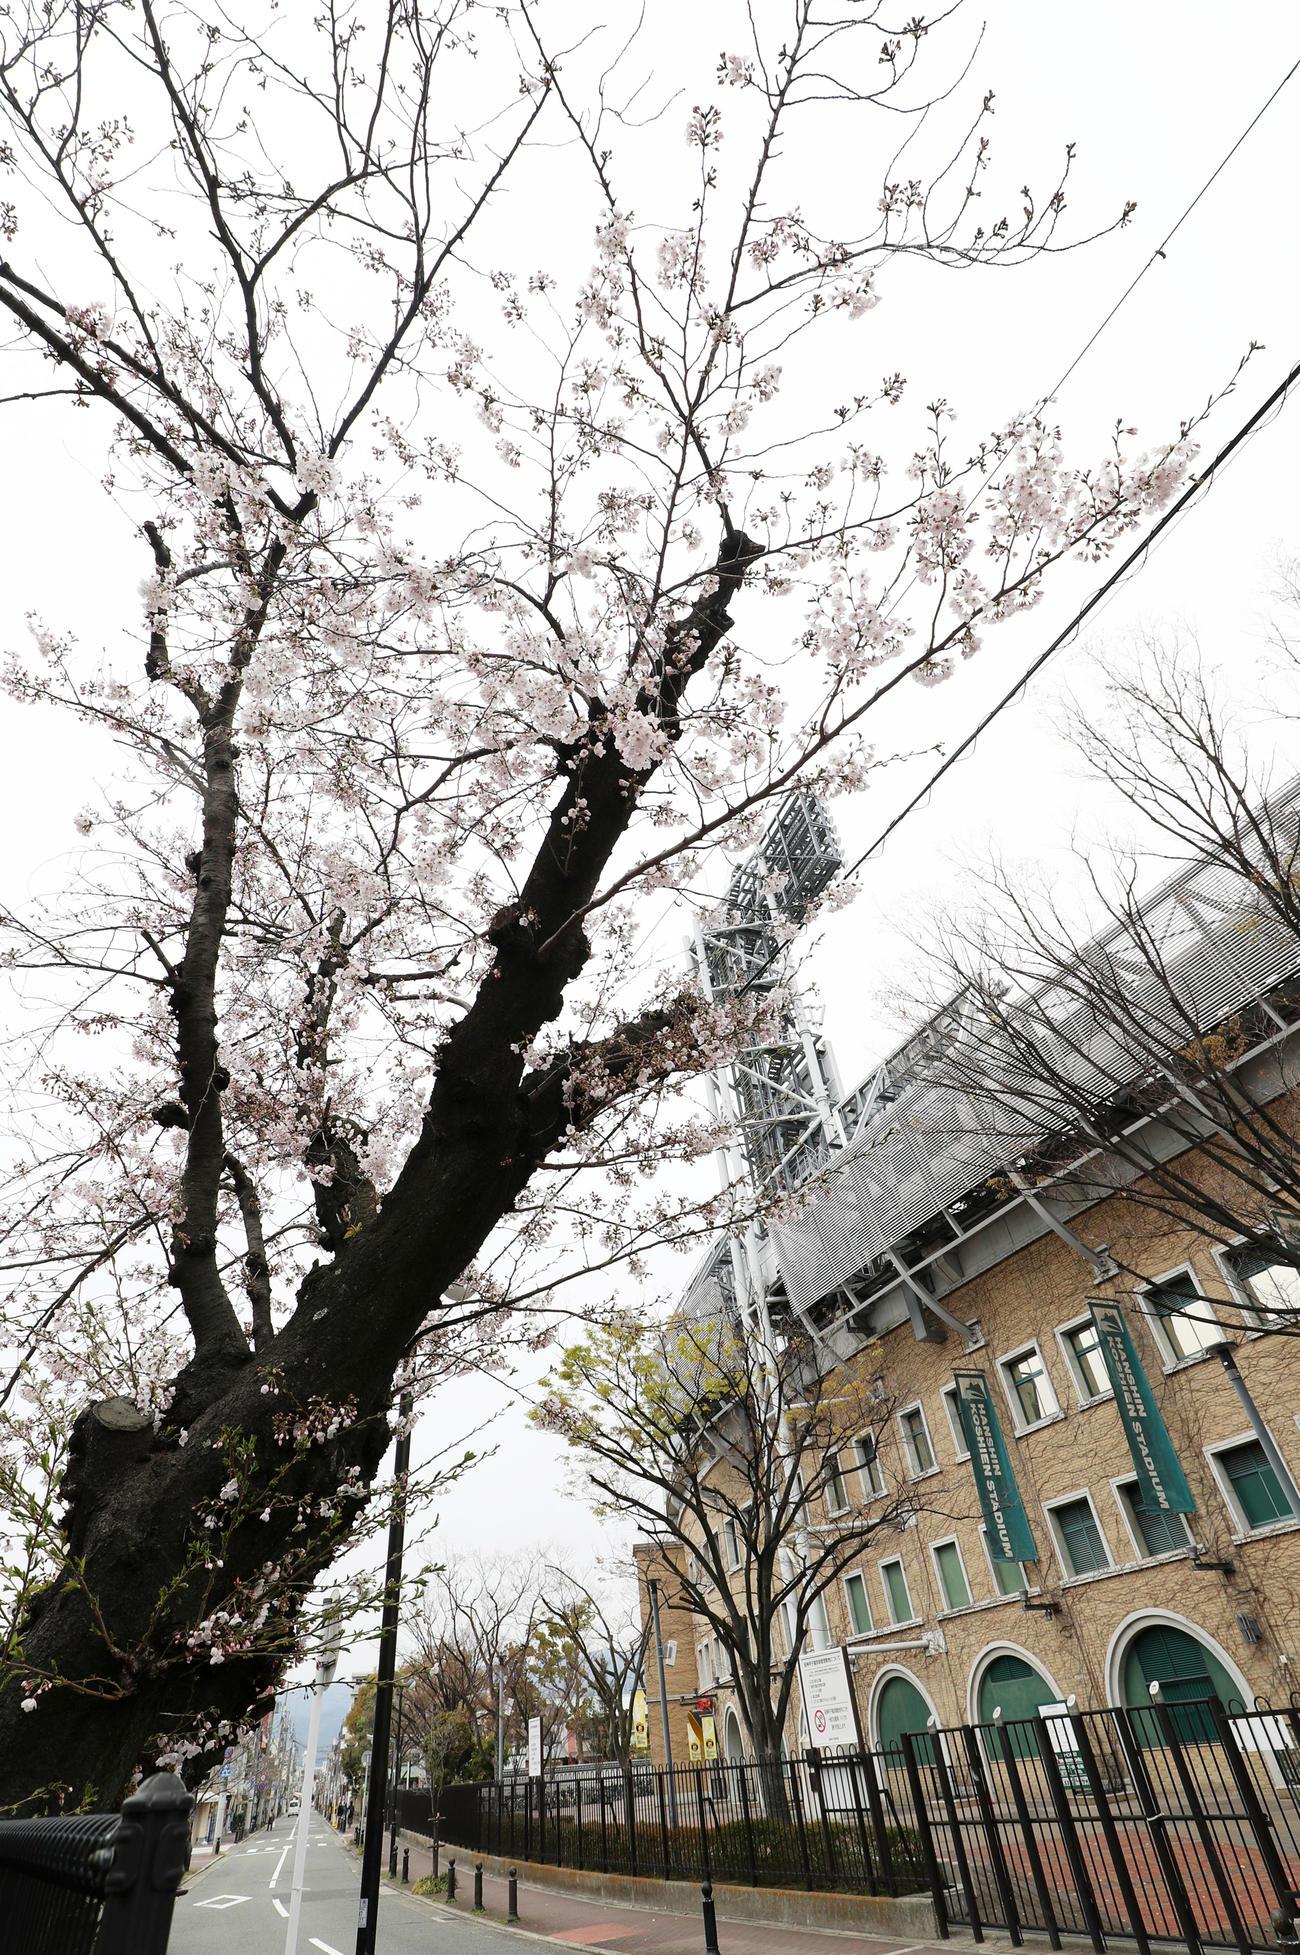 甲子園球場周辺には桜が咲き誇っている(撮影・加藤哉)